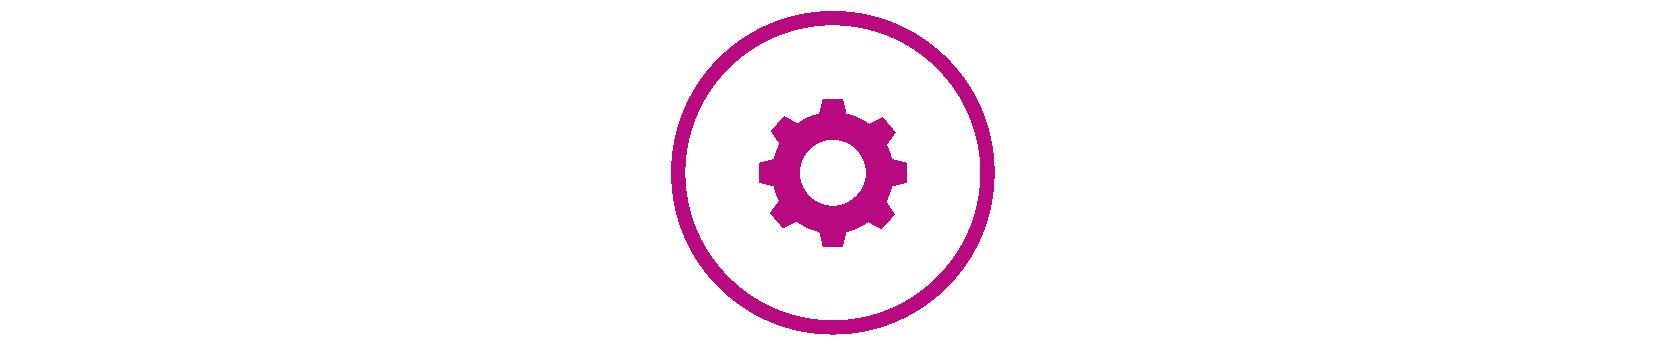 Ikoner_Efftre_Improvement_b80980_Utveckling_Rityta 1.png